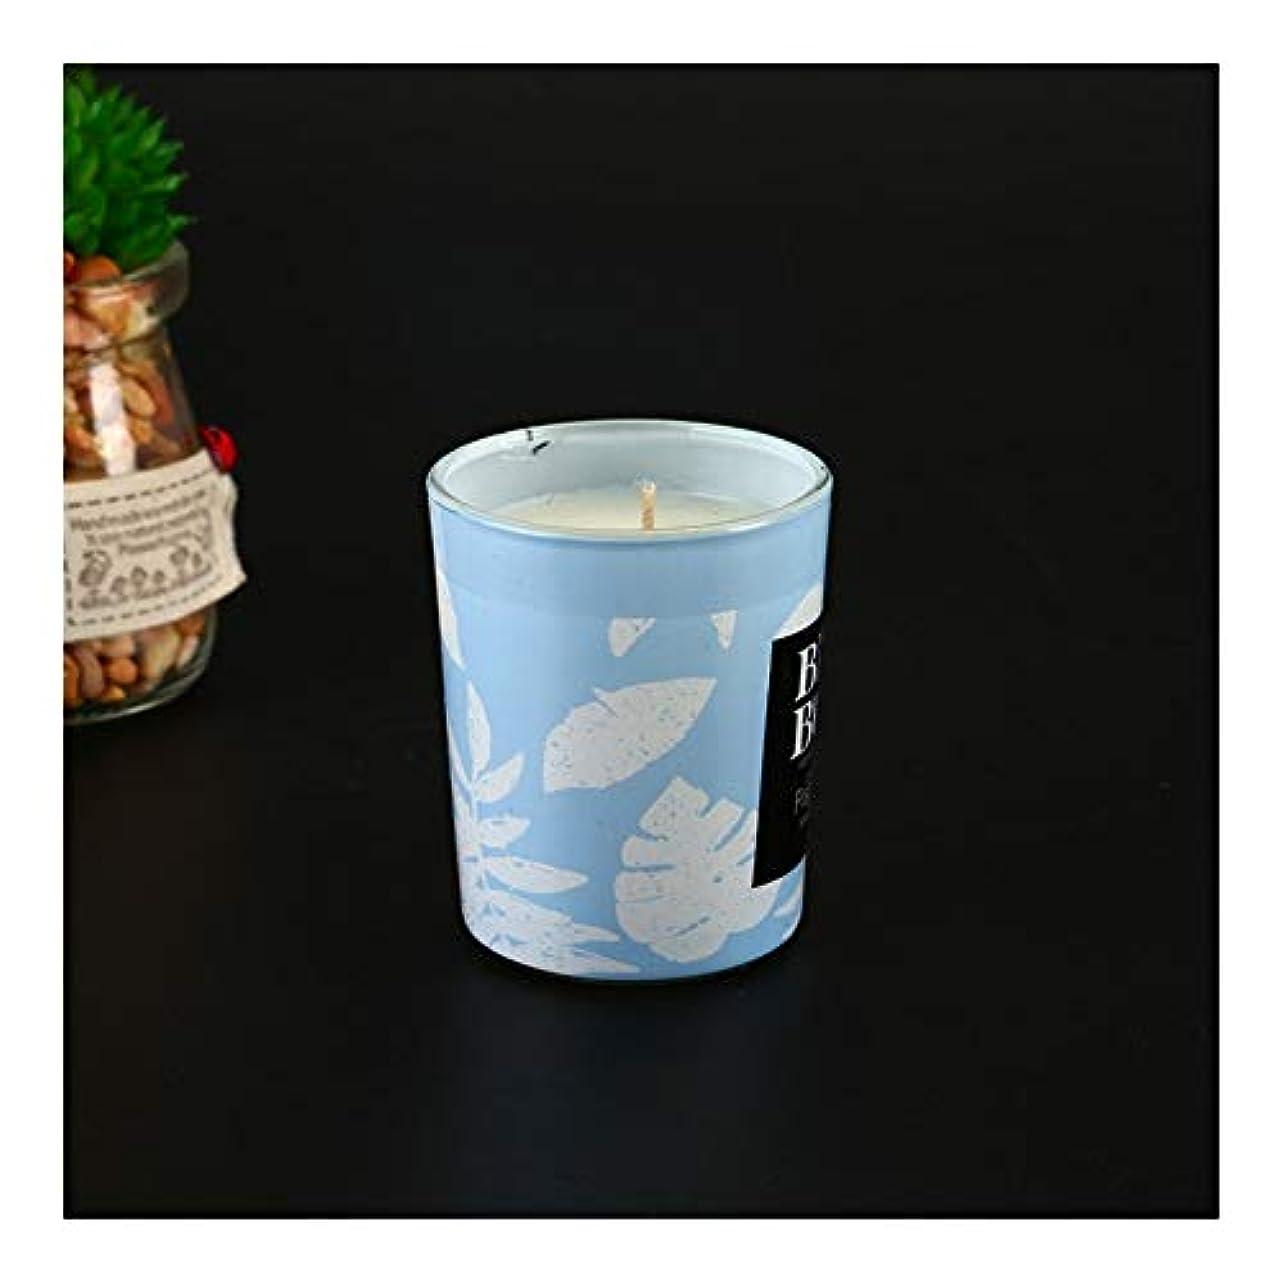 に向かって眠り冷えるGuomao アロマセラピーキャンドルカップ告白アーティファクトキャンドル手で環境に優しい無煙大豆ワックス (色 : Blue wind chime)